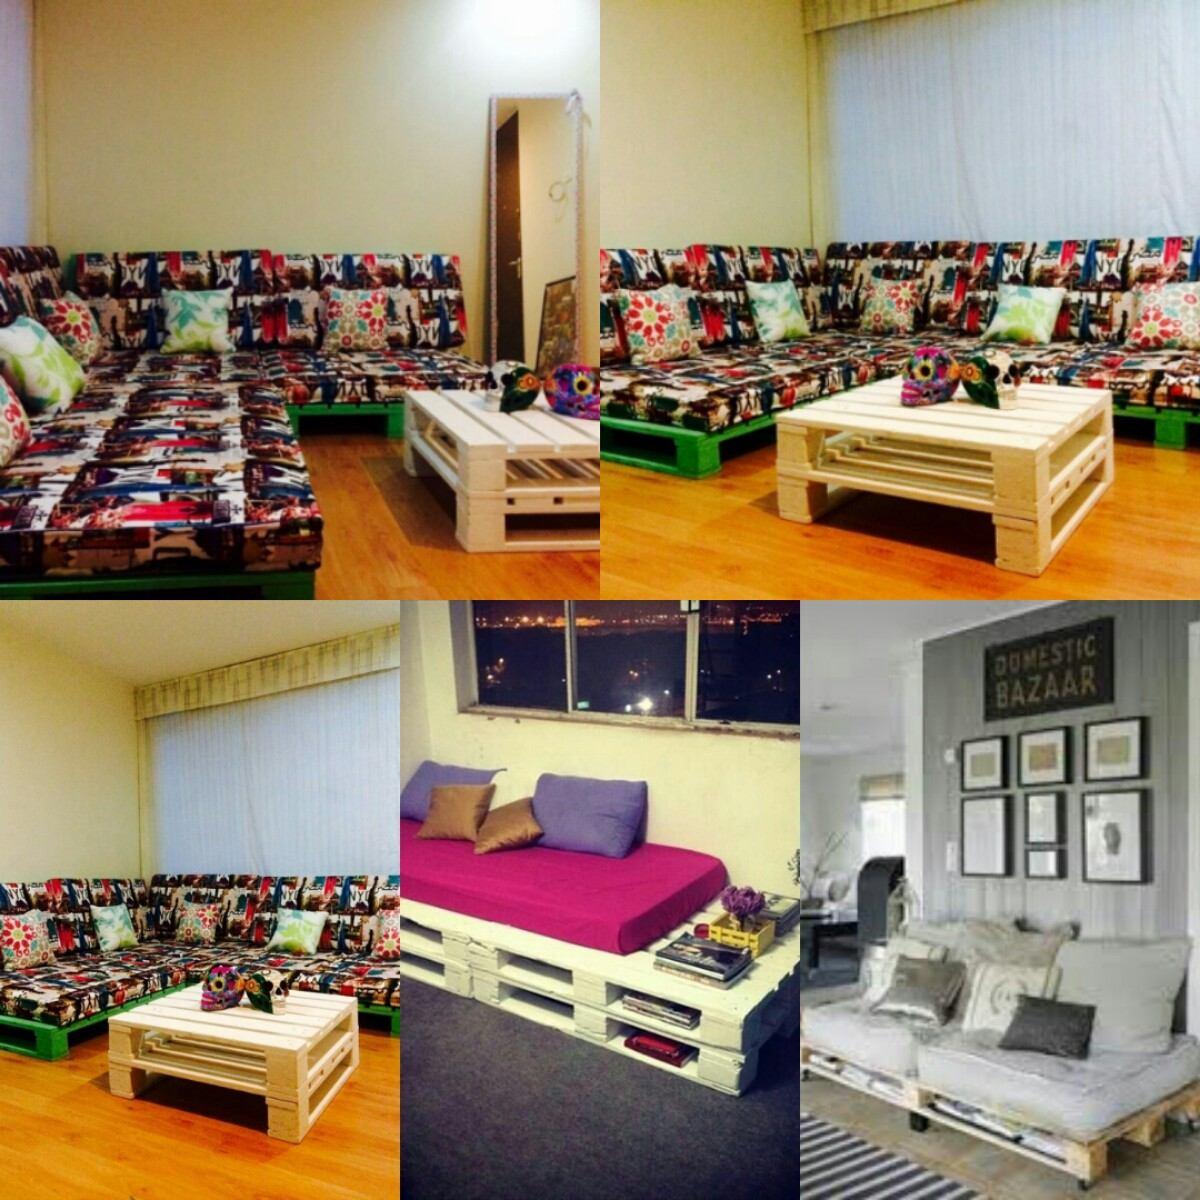 Muebles con estibas r stico o terminados en - Muebles hechos con estibas ...